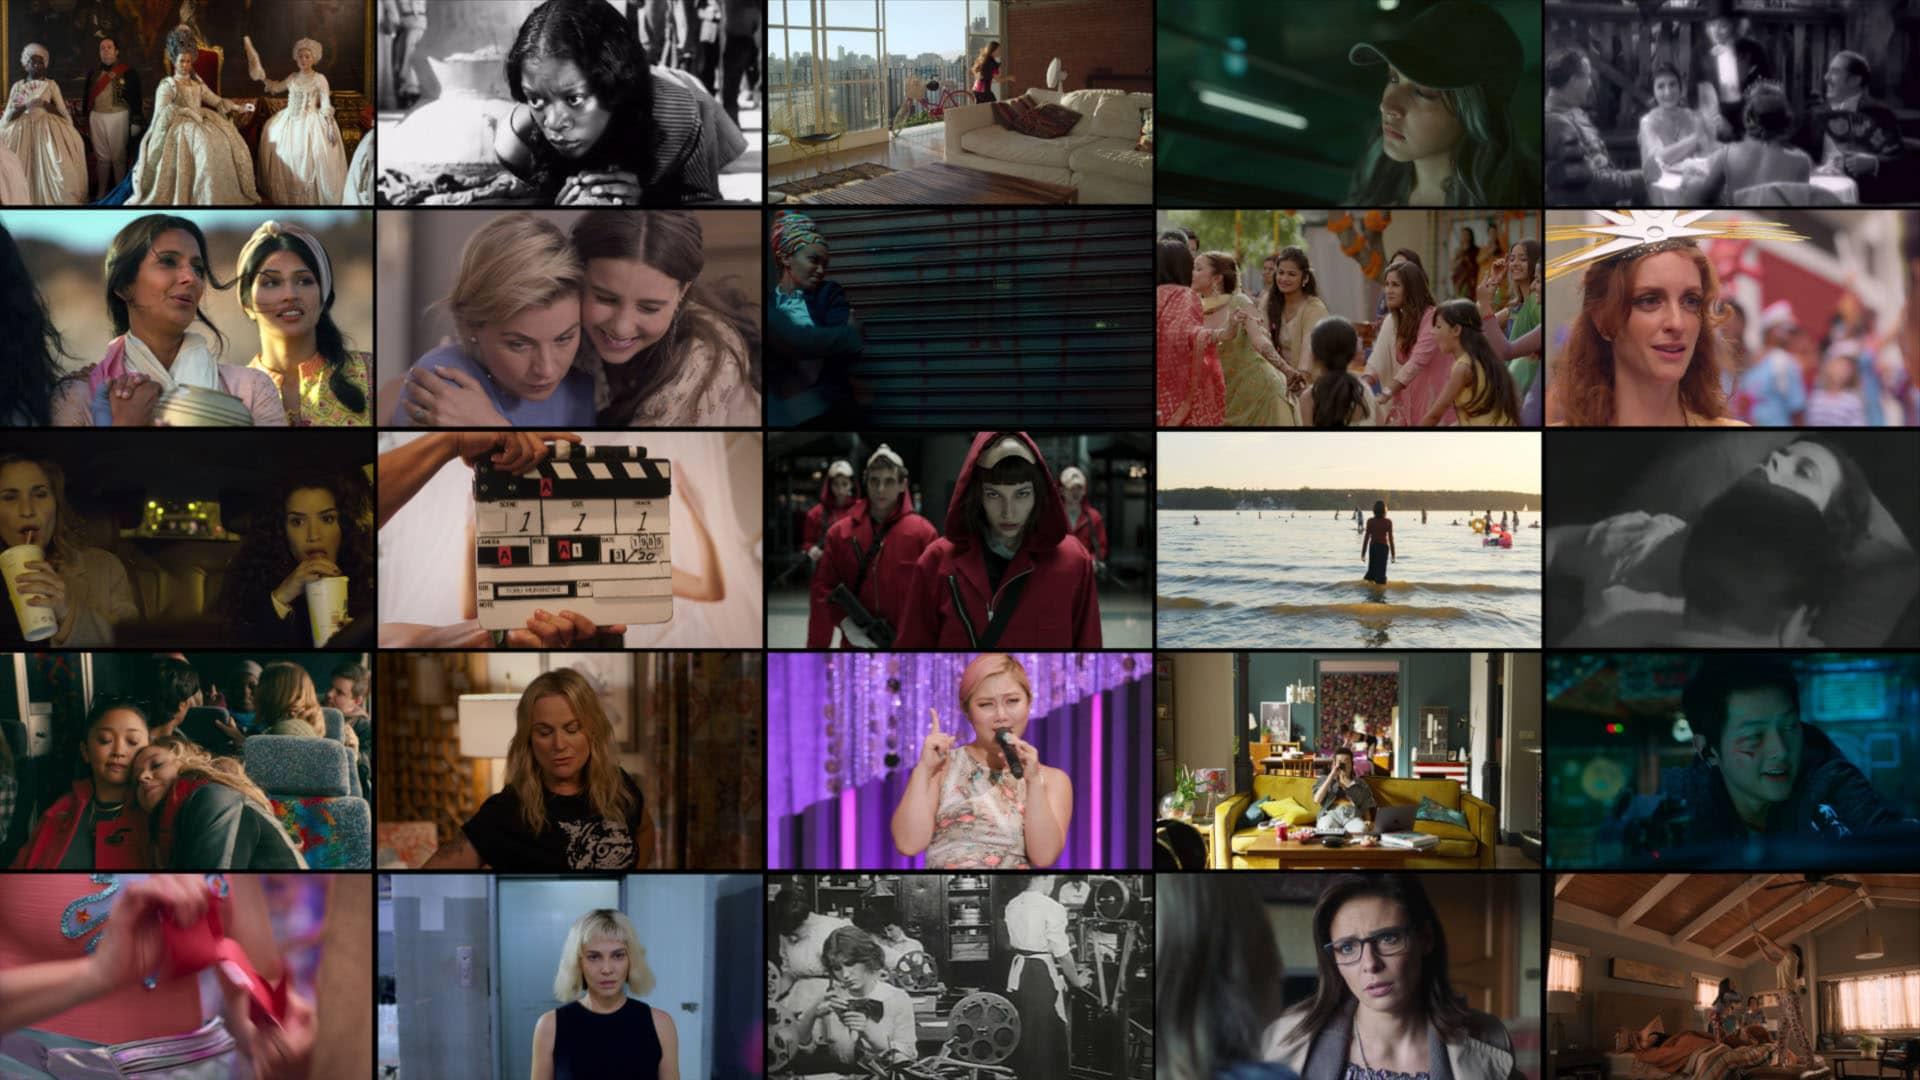 Frauenpower-bei-Netflix-Streaming-Anbieter-f-rdert-weibliche-Talente